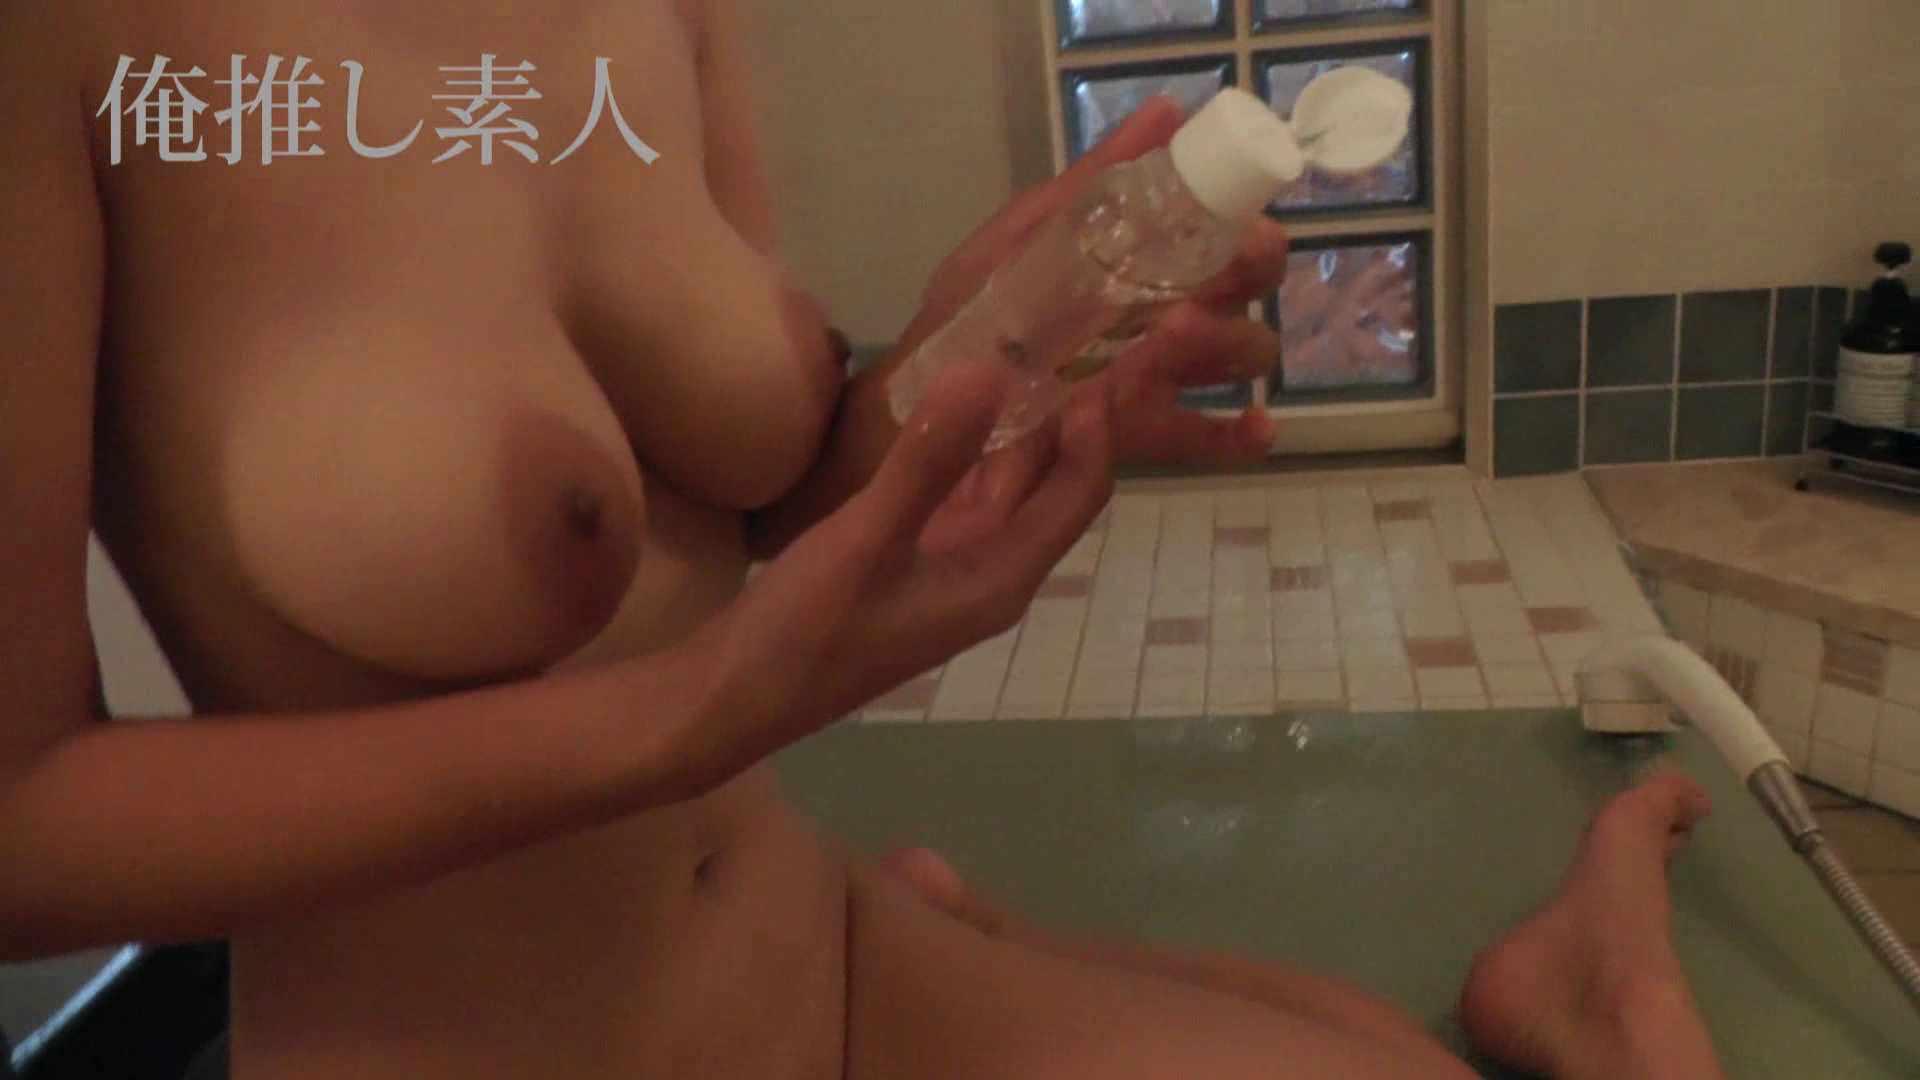 俺推し素人 30代人妻熟女キャバ嬢雫Vol.02 エッチなキャバ嬢   熟女の女体  71pic 21